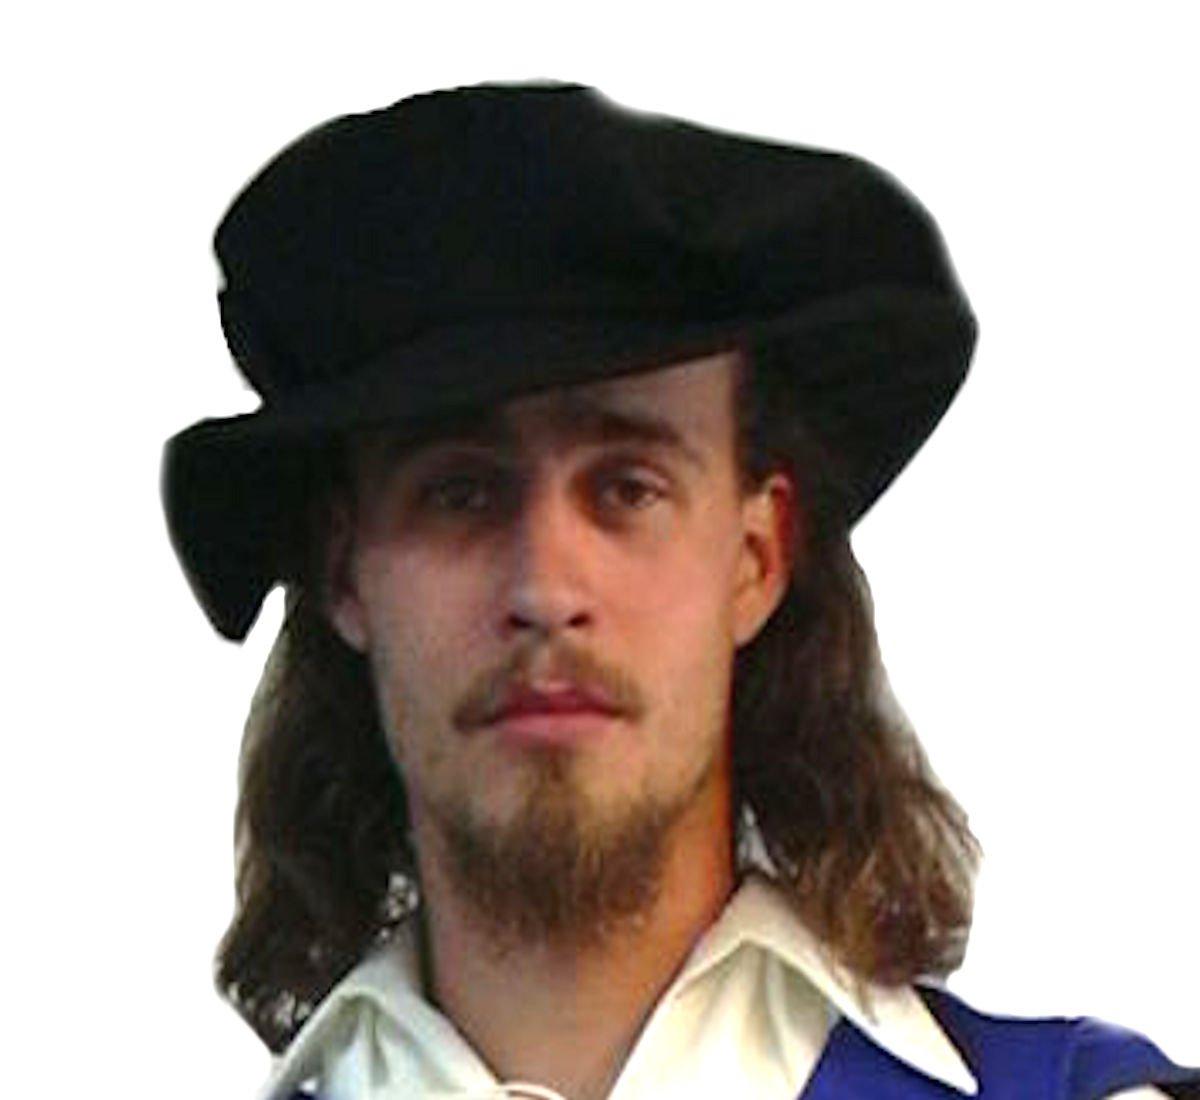 Men's Renaissance Tudor Black Flat Cap - DeluxeAdultCostumes.com